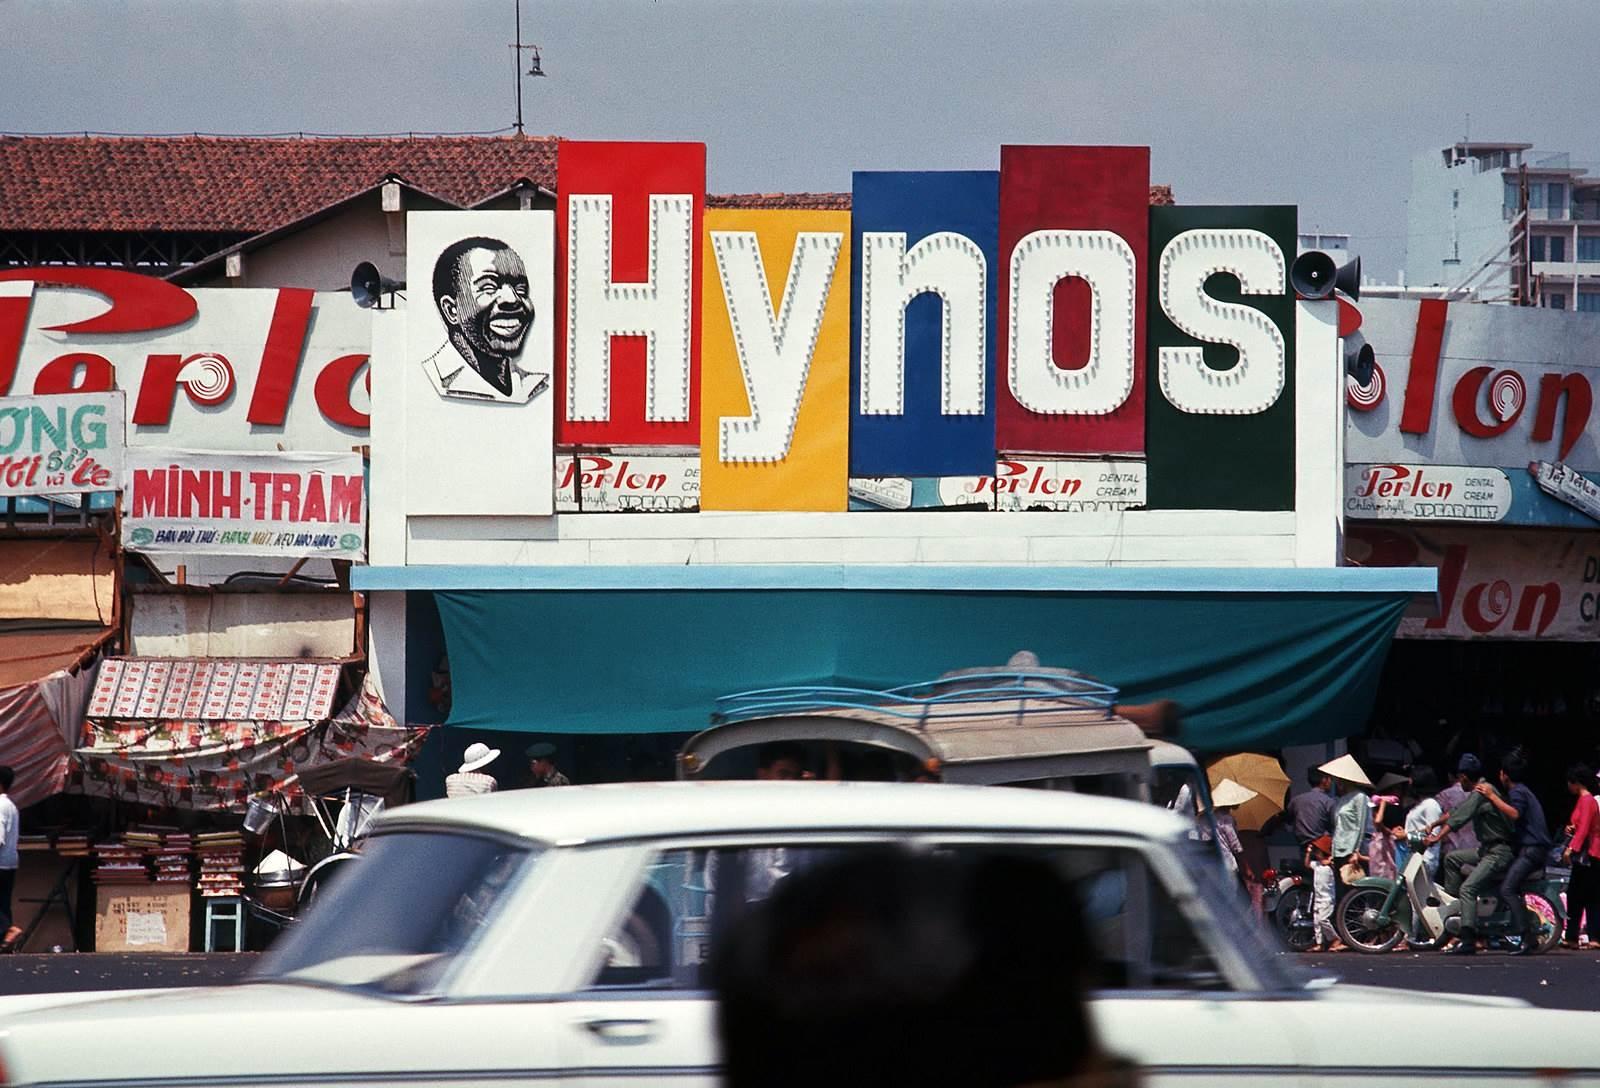 Biển quảng cáo kem đánh răng Hynos